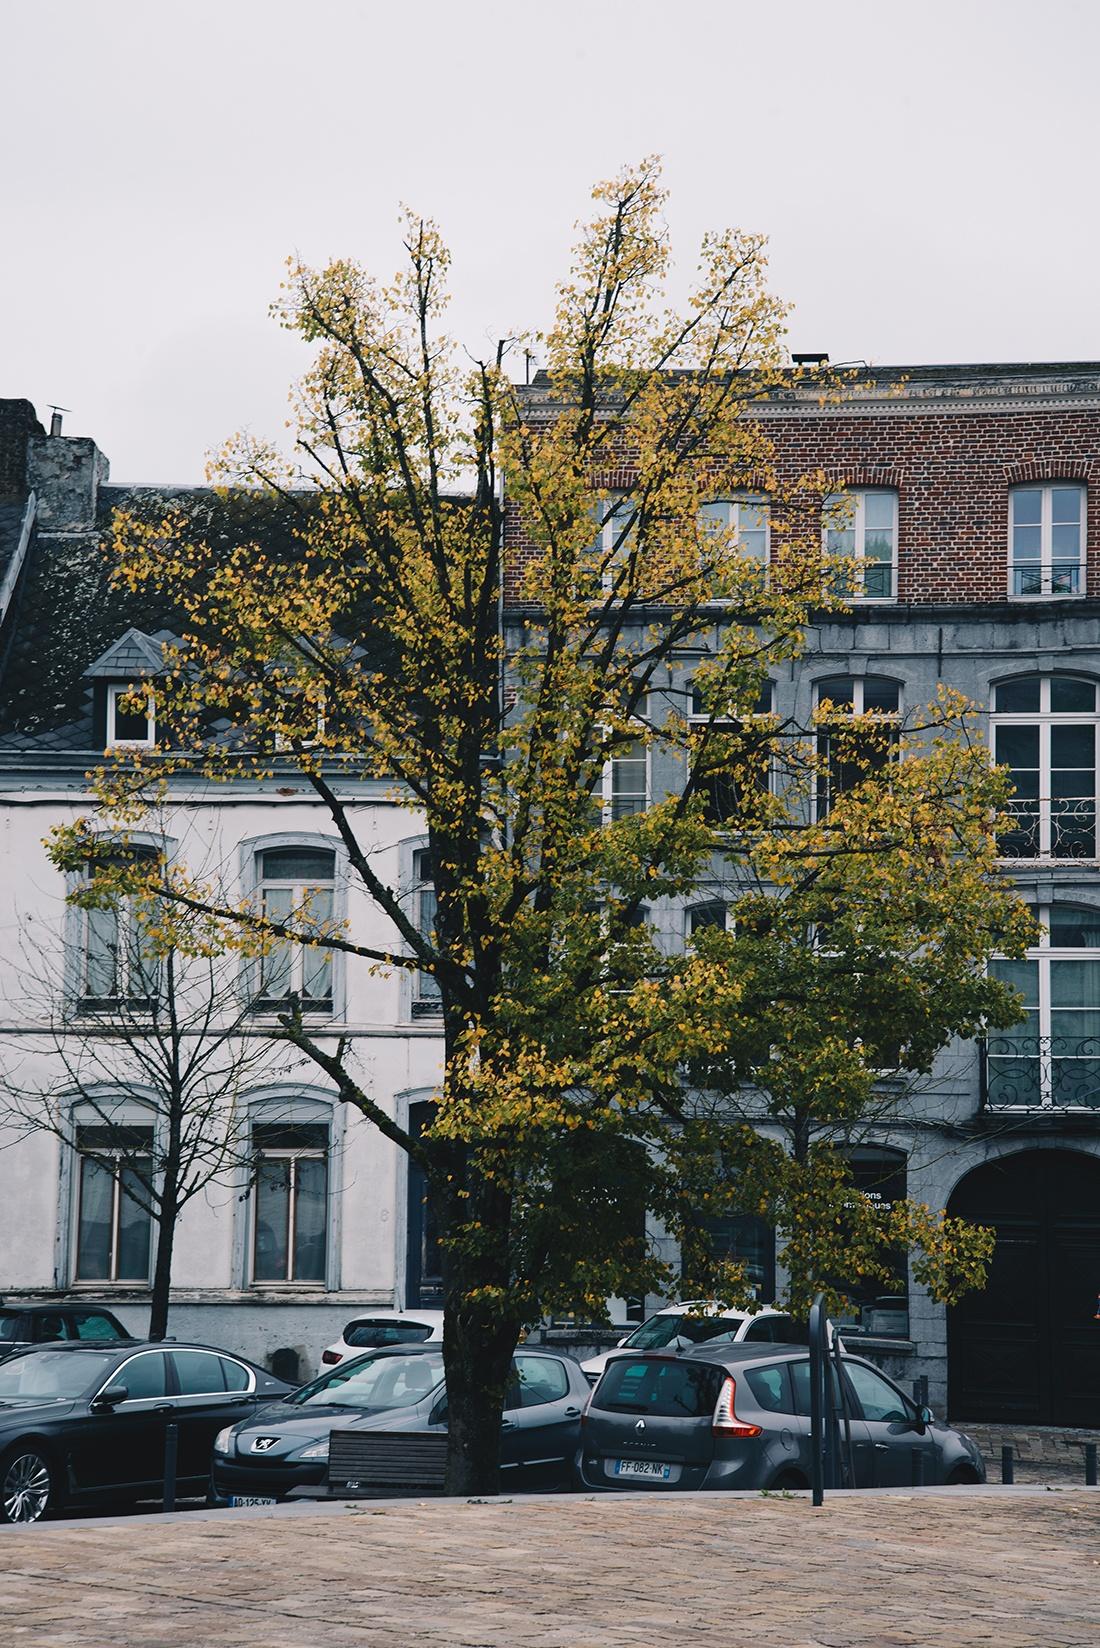 balade dans les rues de Maubeuge, Nord, Hauts-de-France